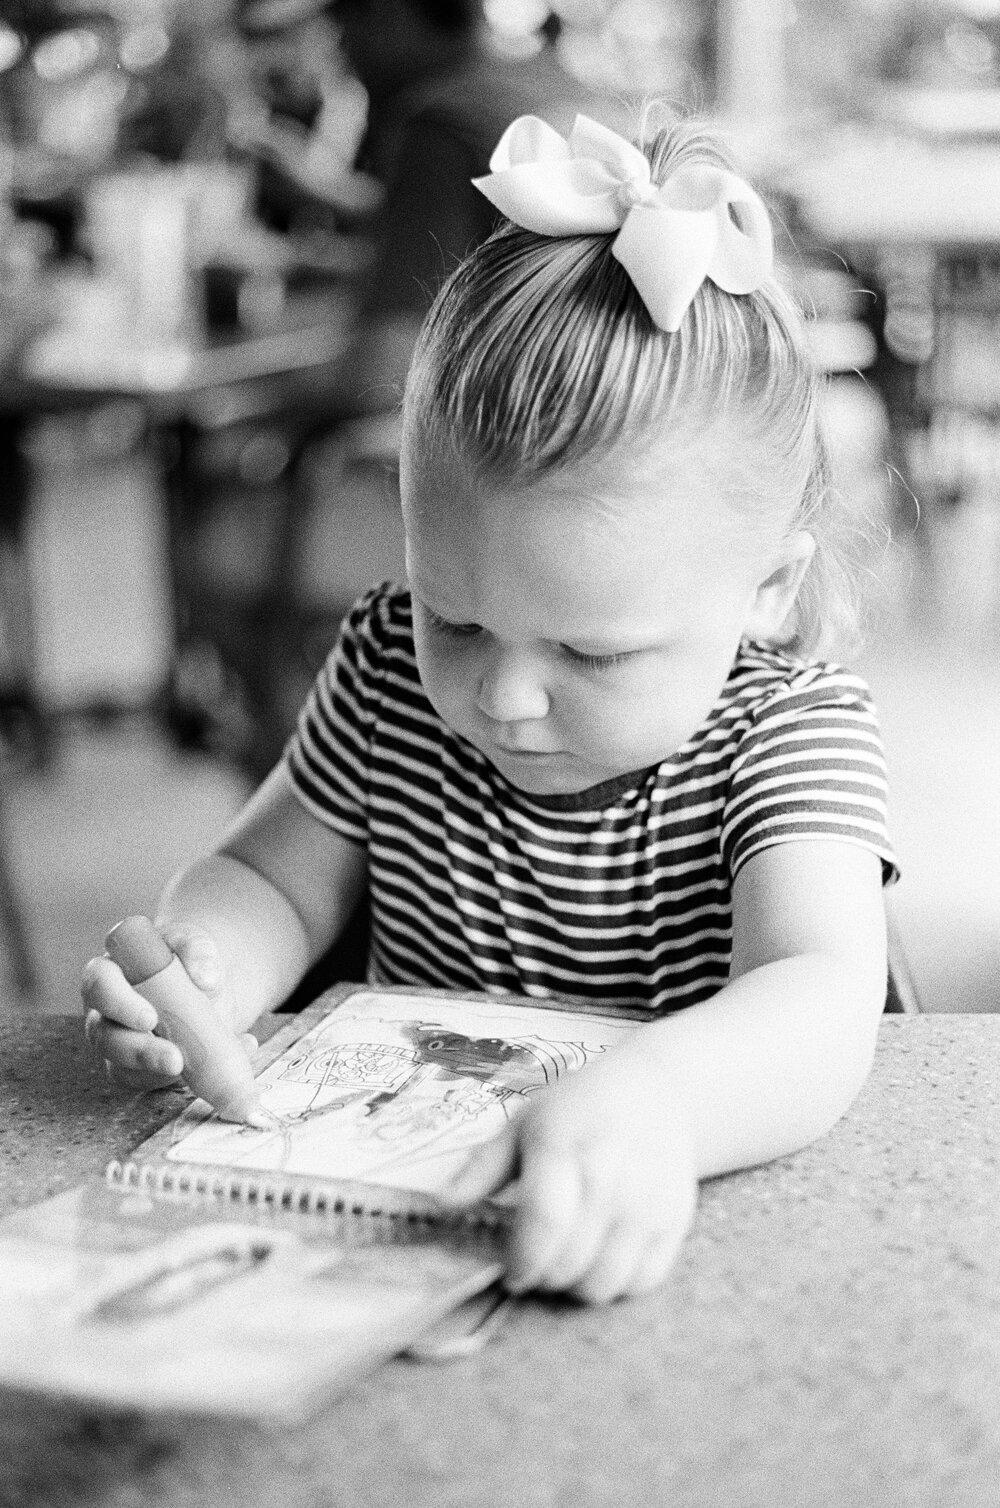 01-Leica-M-A-Kids-Pool-Smiles-Random-10.jpg